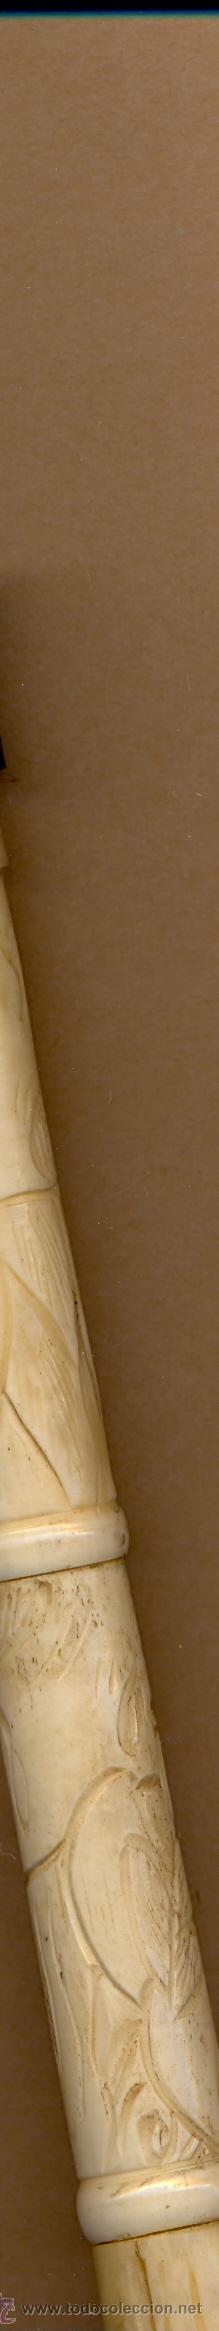 Antigüedades: BASTÓN DE HUESO CON PUÑO DE ASTA 92 CM LARGO , PUÑO 7 CM LARGO ASTA Y HUESO - Foto 7 - 27011517